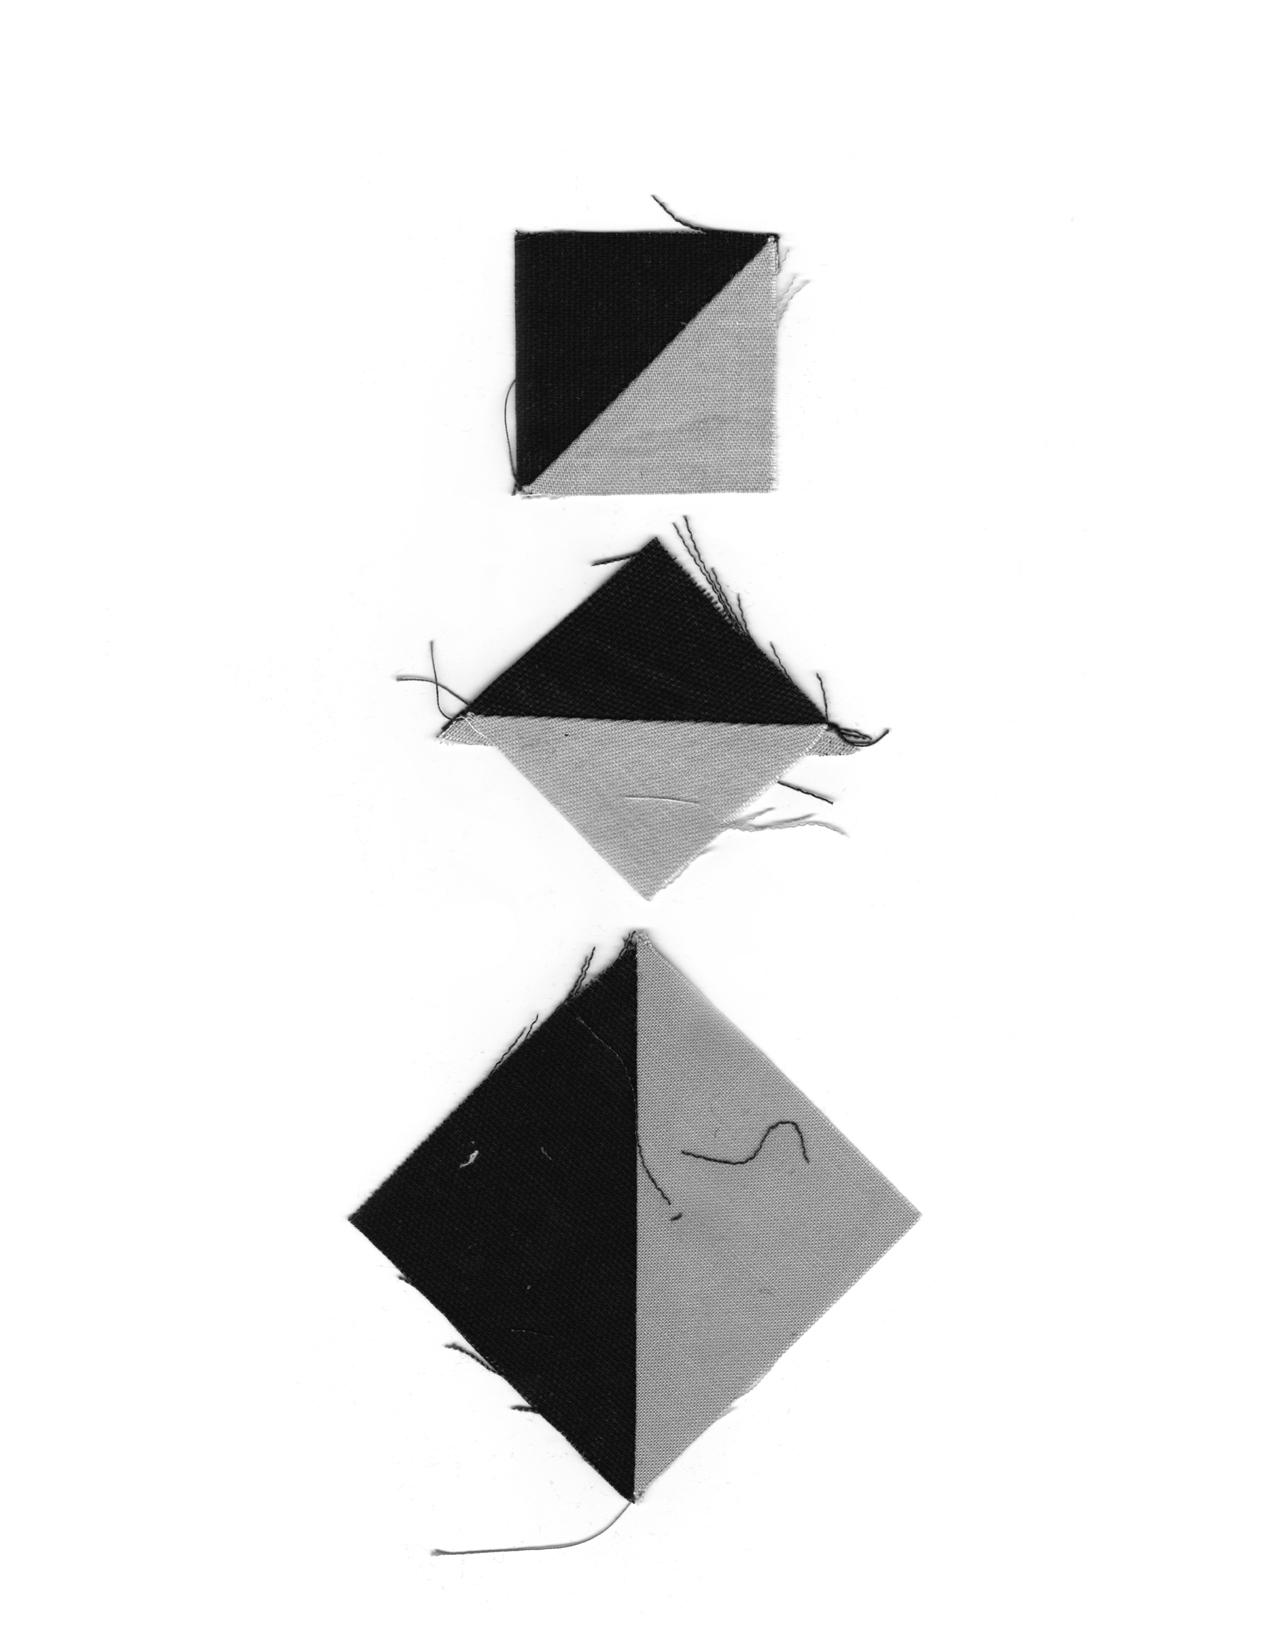 Fabric_scraps_2.jpg